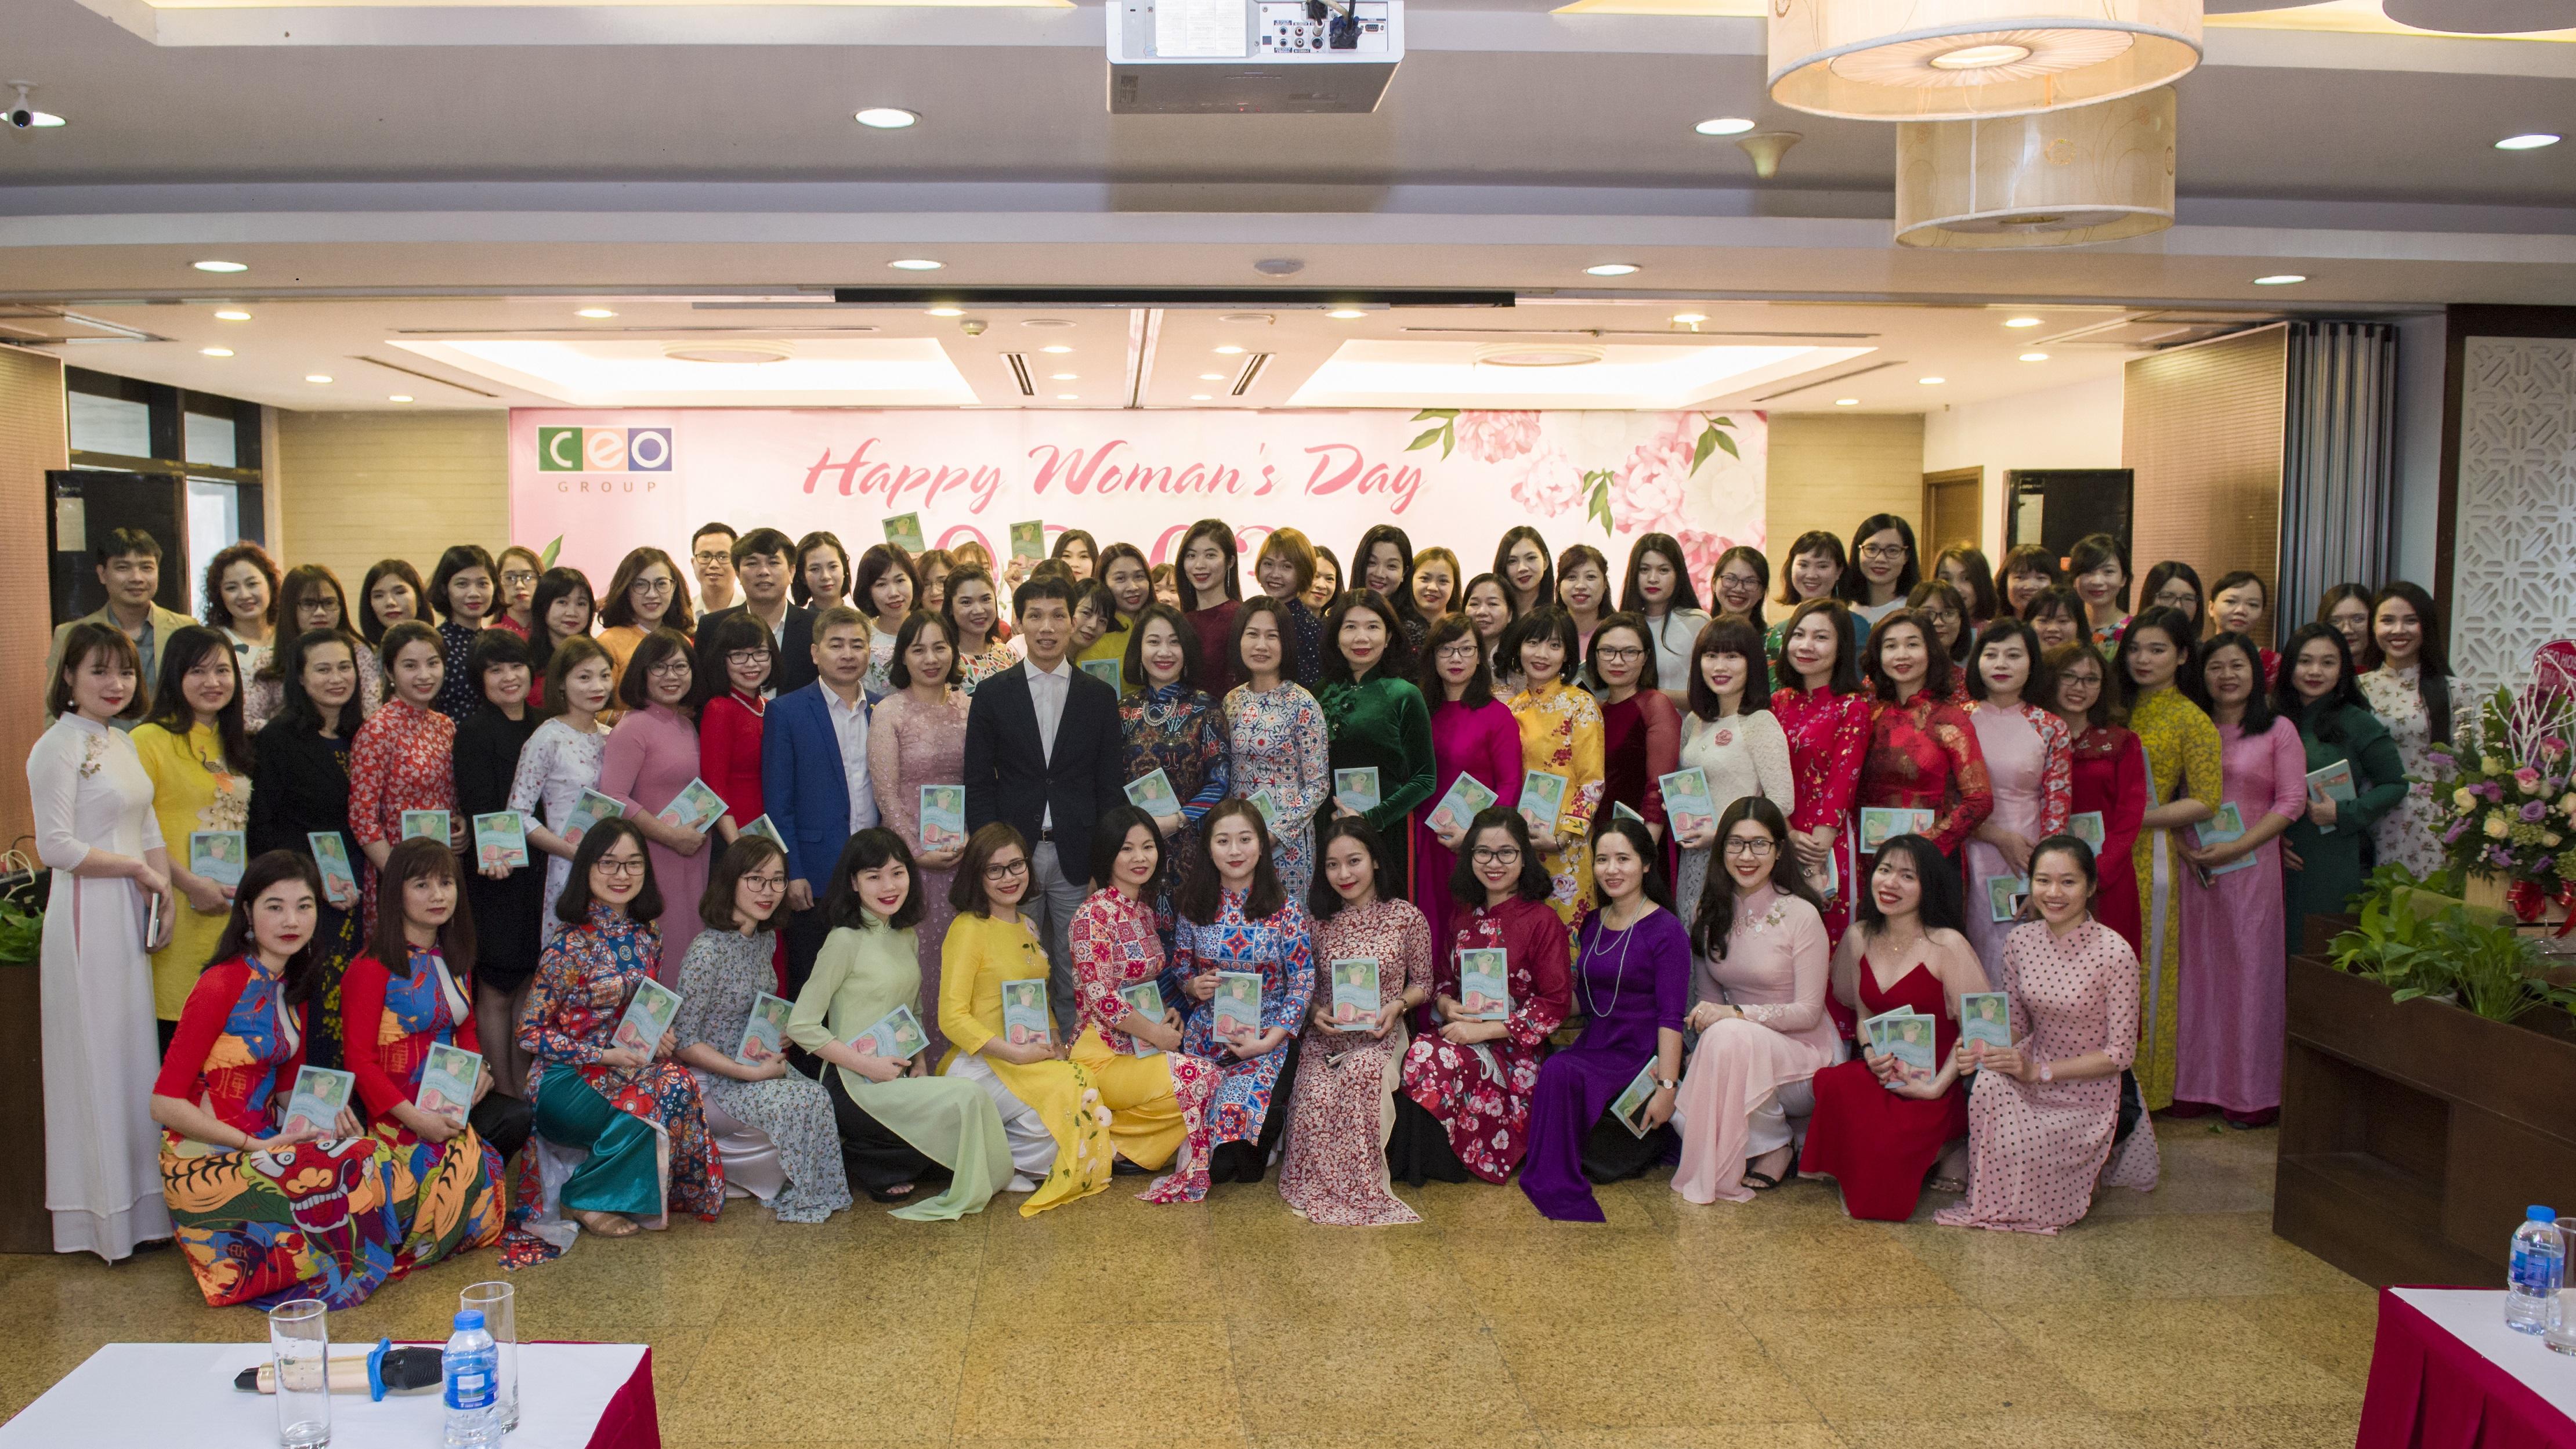 Tập đoàn CEO tôn vinh CBNV nữ nhân ngày Quốc tế Phụ nữ 8-3 - Tập đoàn CEO